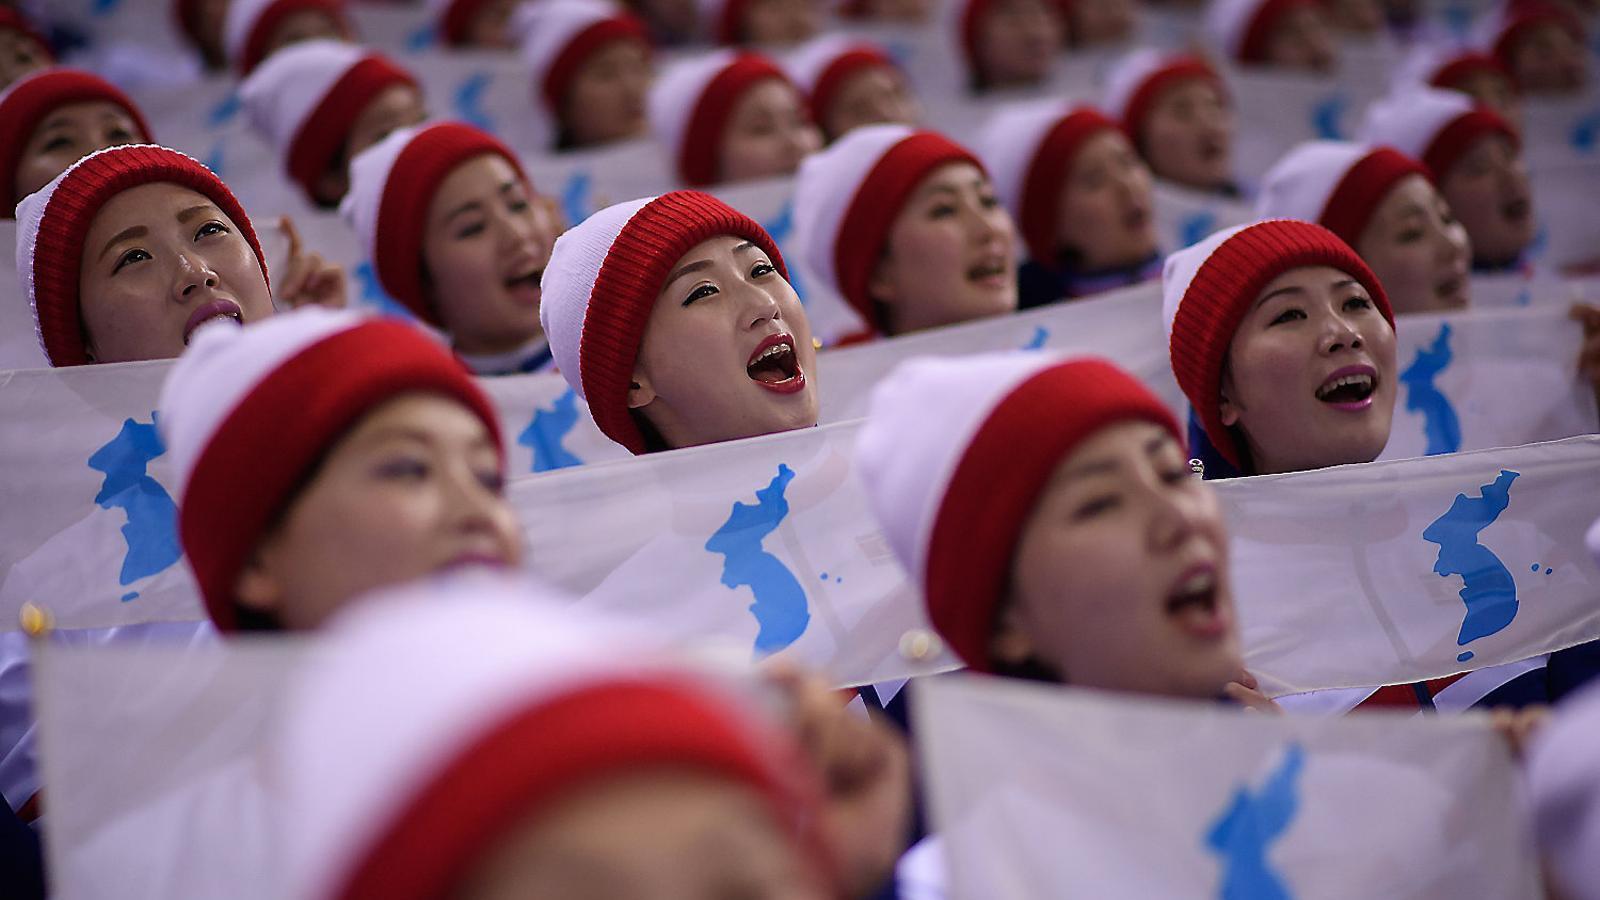 Les animadores enviades per Corea del Nord han encisat els sud-coreans amb les seves estudiades coreografies.